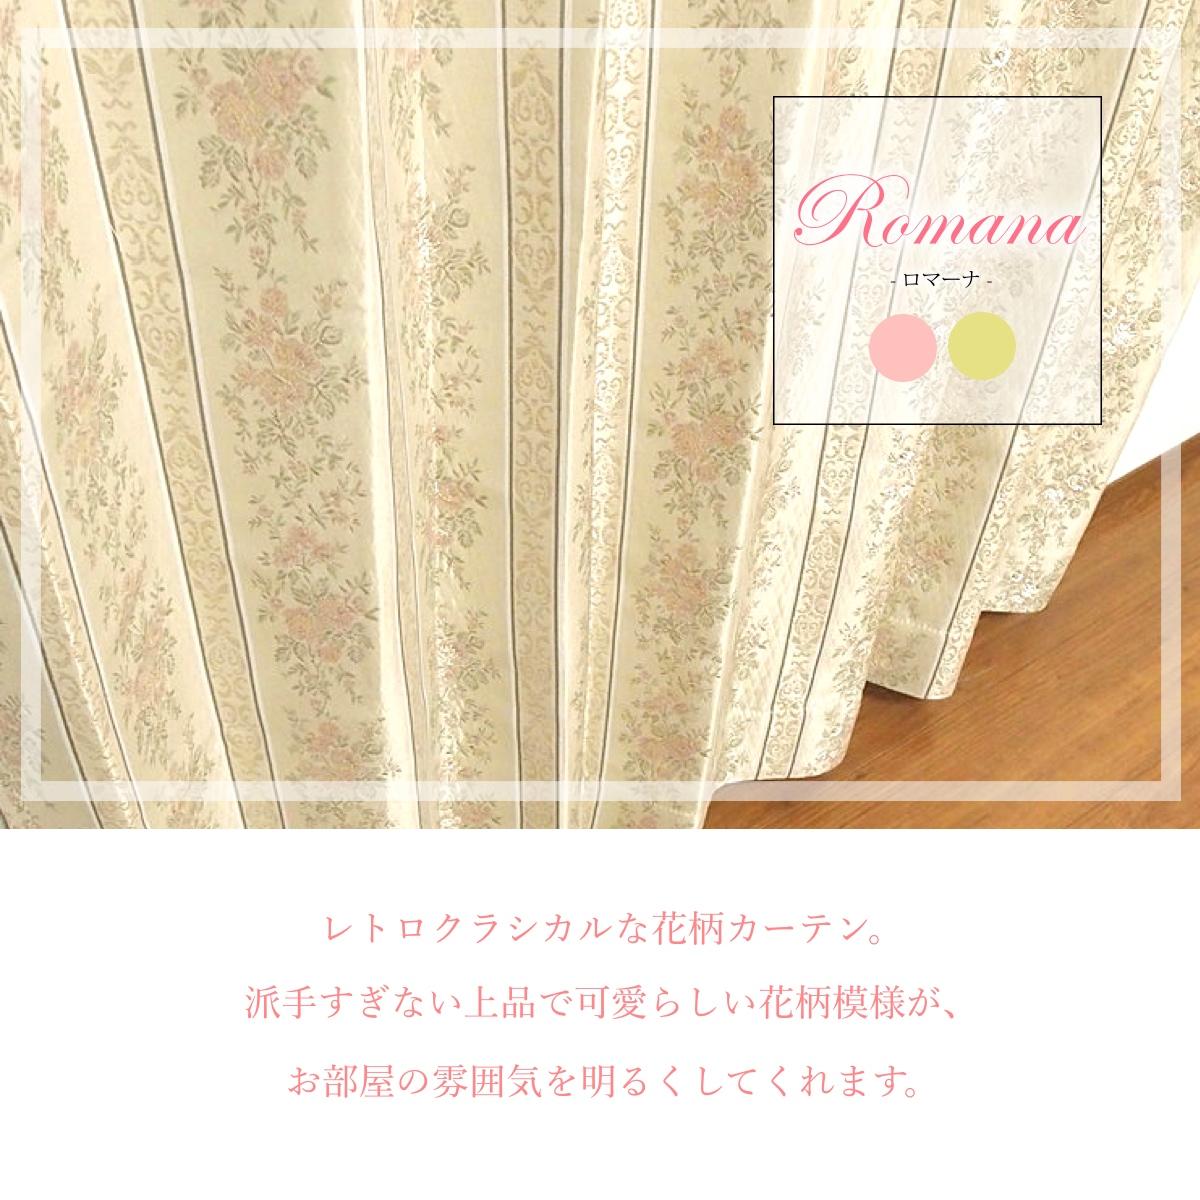 レトロクラシカルな花柄カーテン。派手すぎない上品で可愛らしい花柄模様がお部屋の雰囲気を明るくしてくれます。